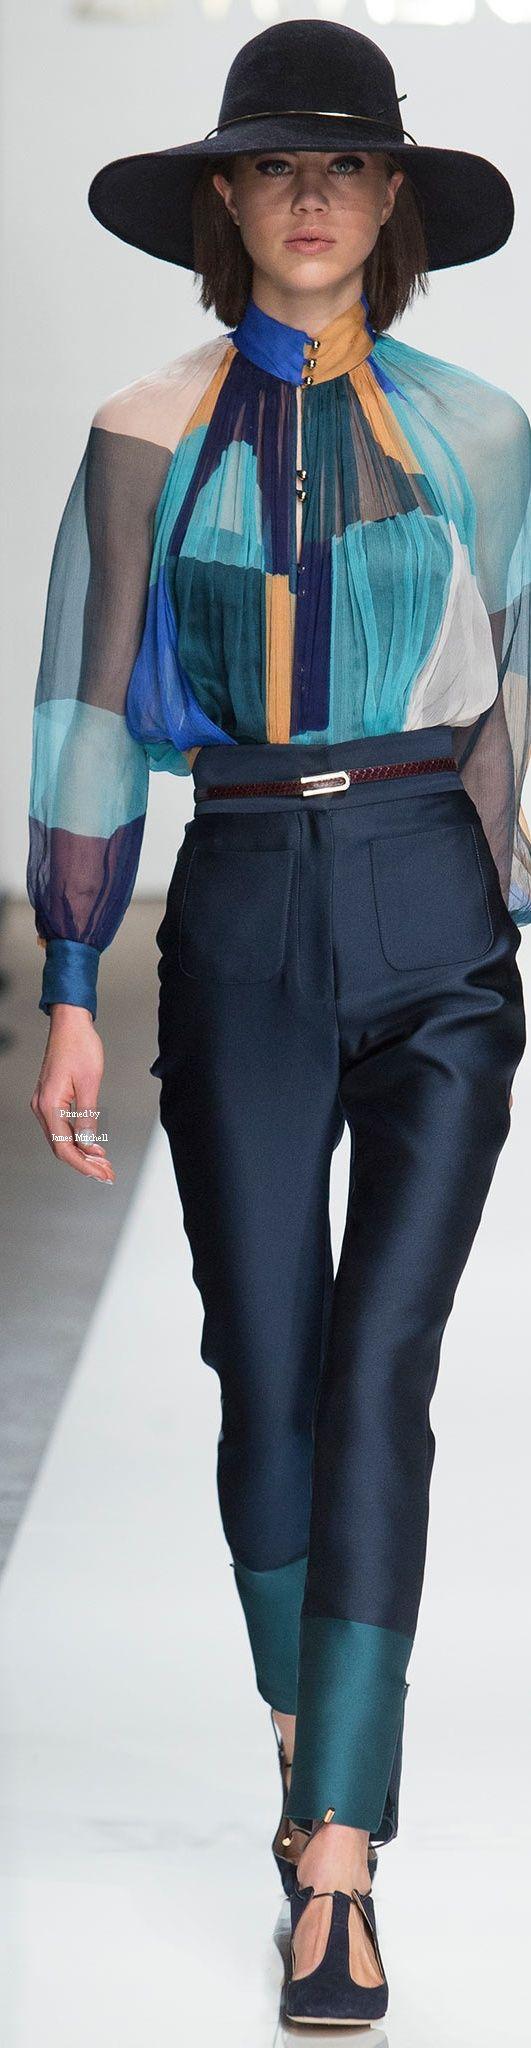 Zimmermann Fall 2015 Ready-to-Wear